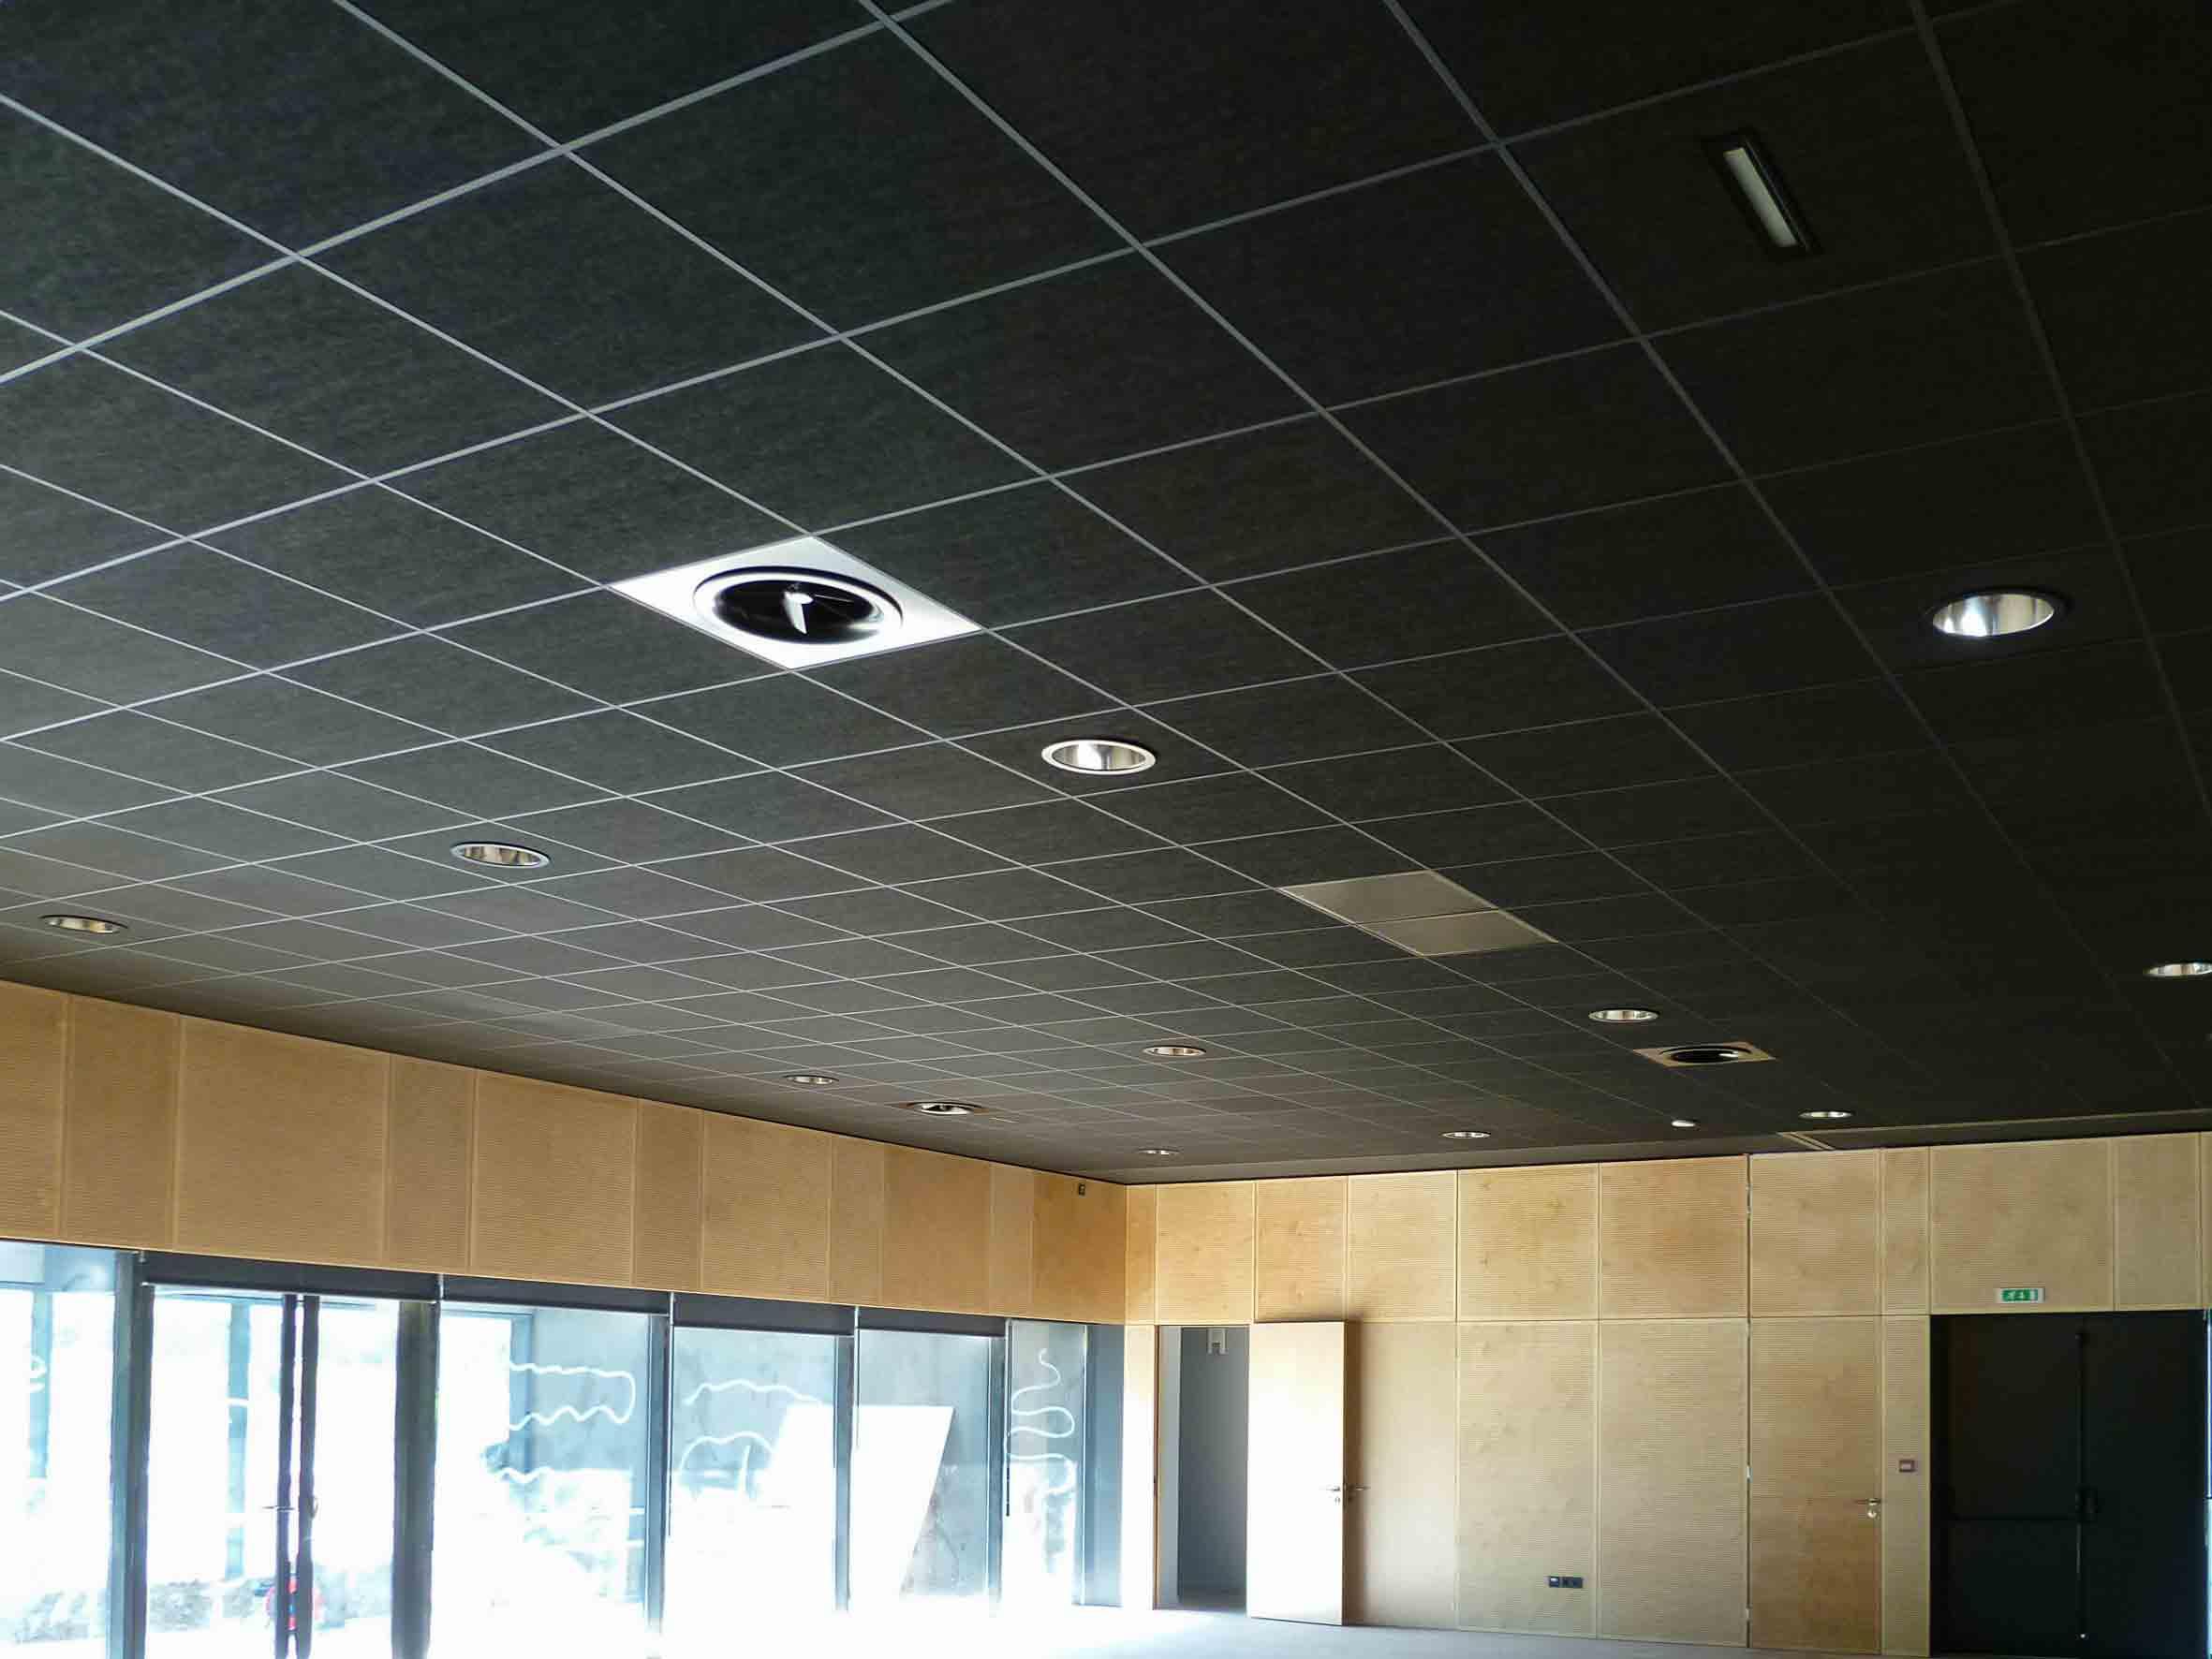 Plafond suspendu dalles noir - Langlois Sobreti